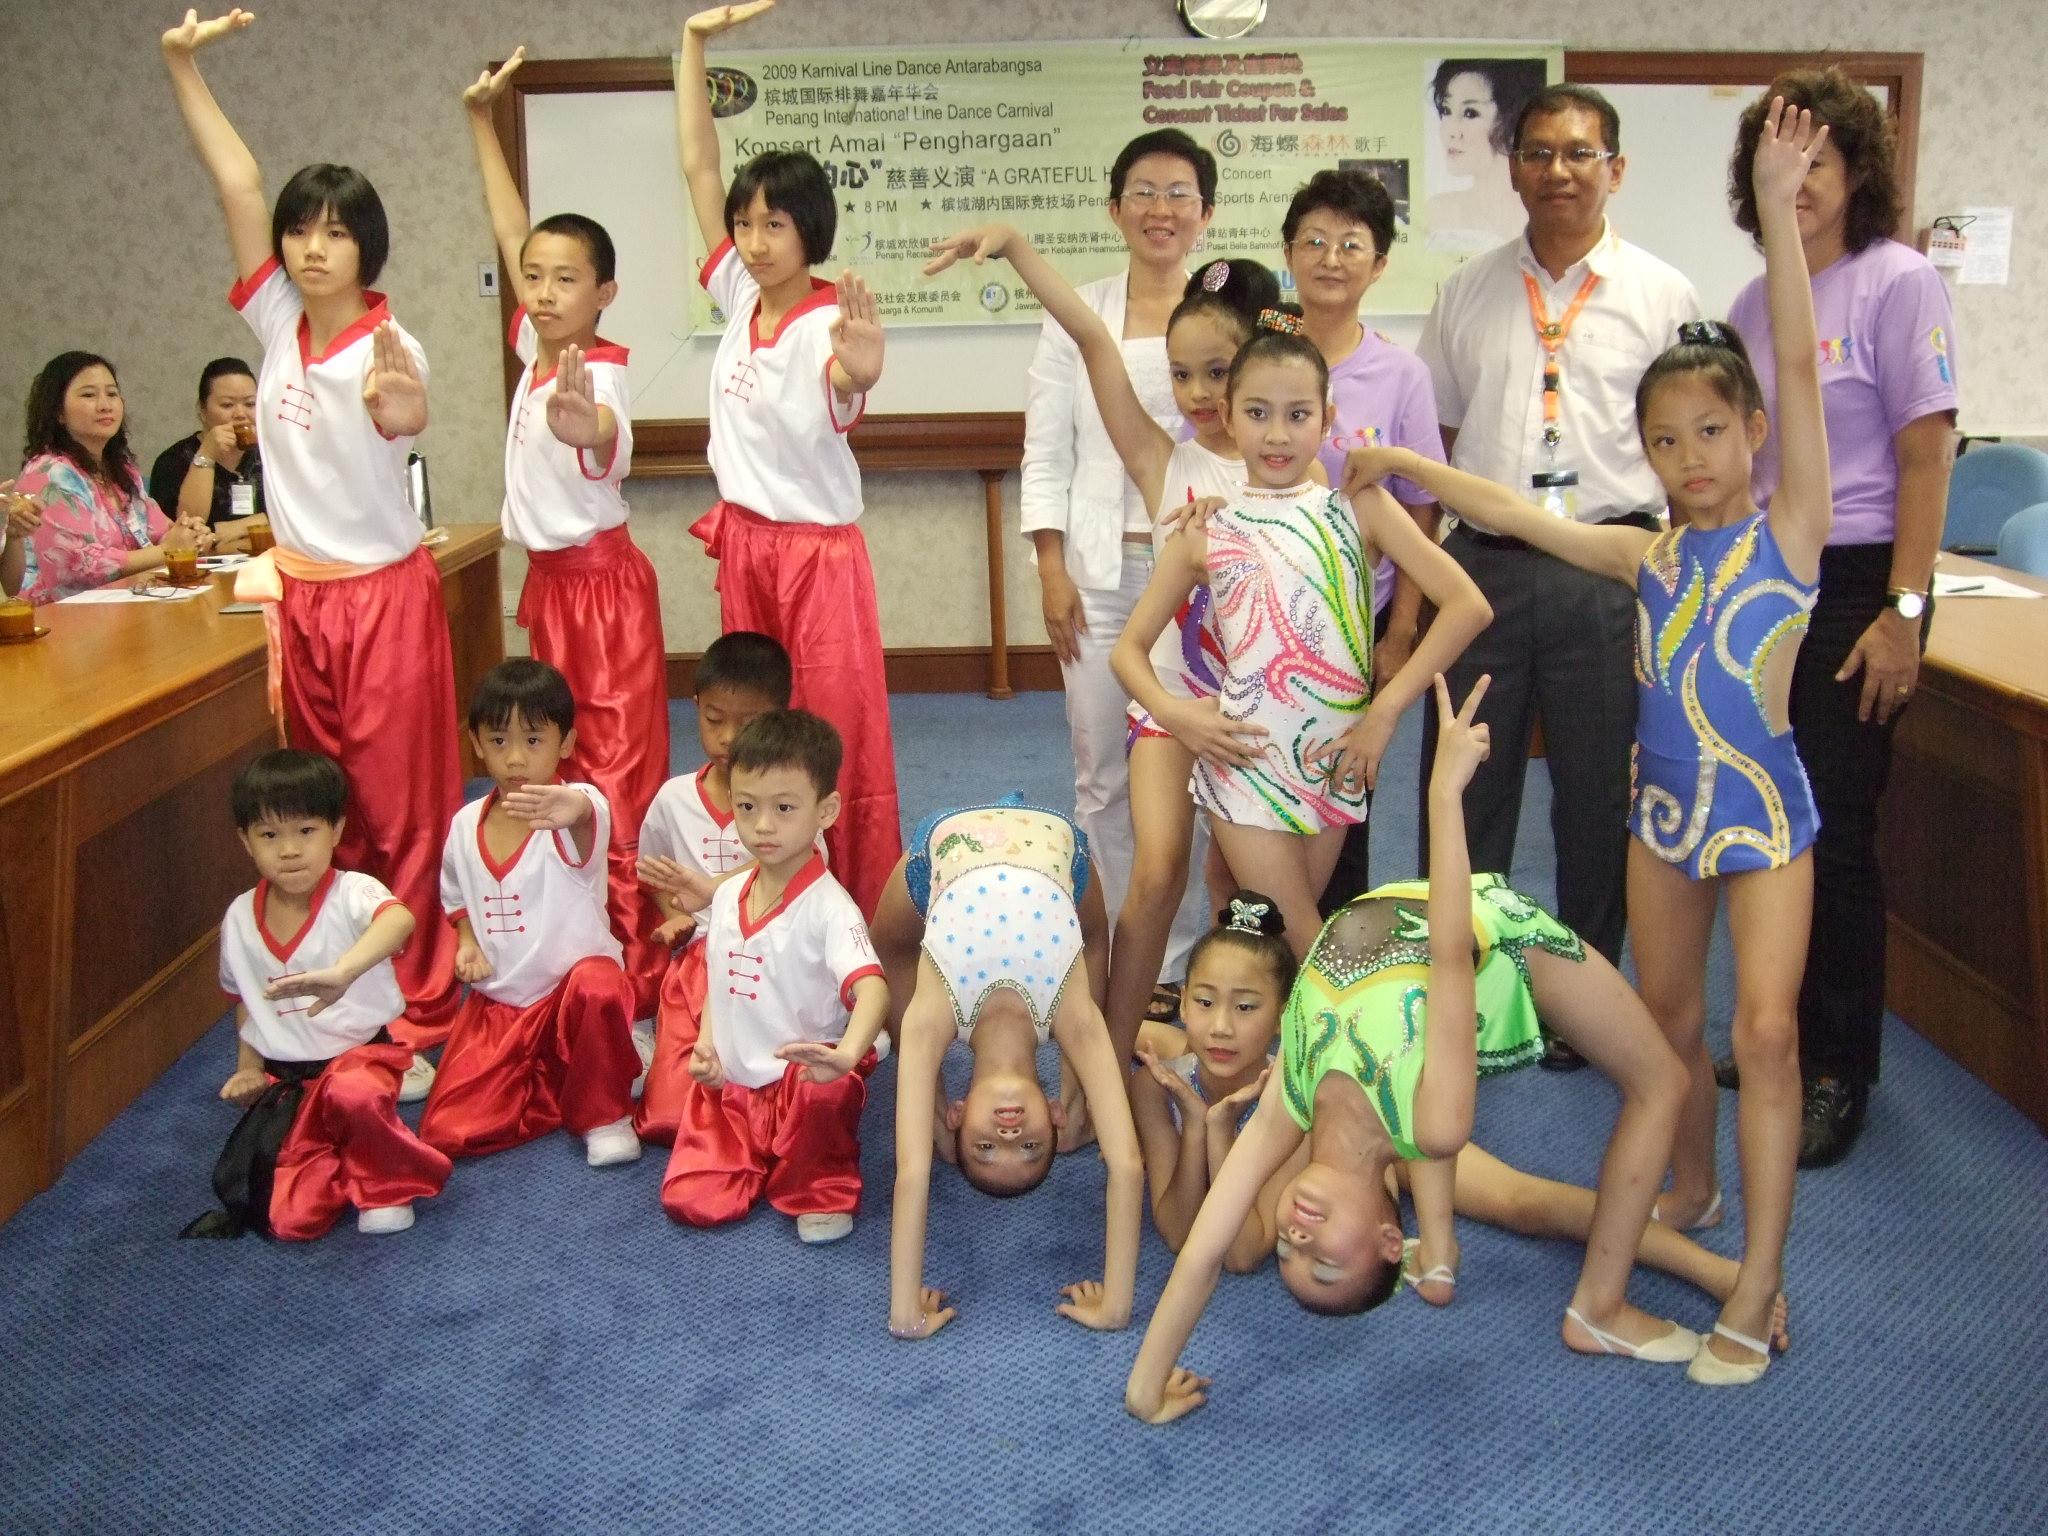 鼎锋武术院及槟城韵律体操协会学员也会现场表演